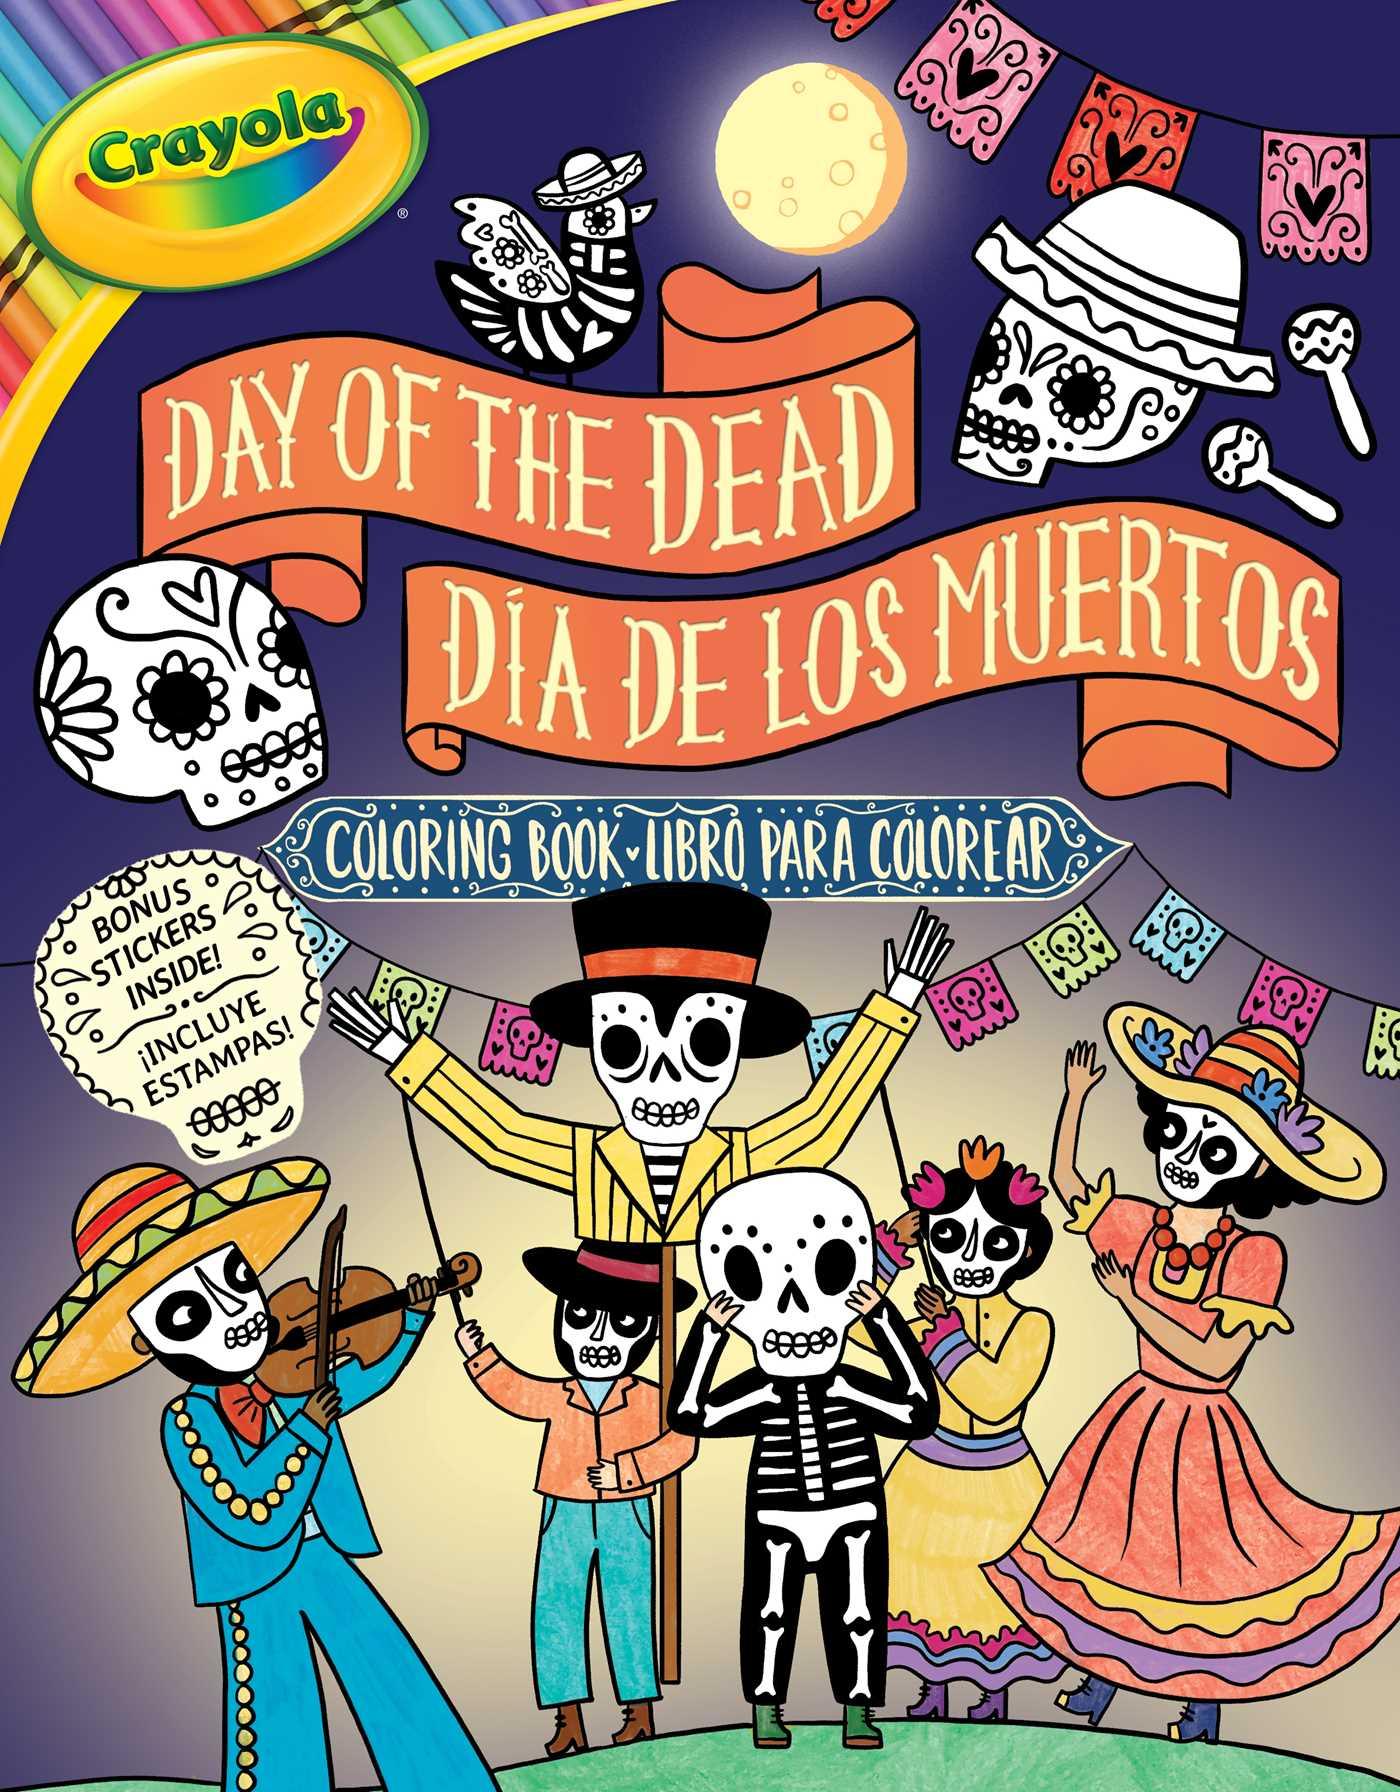 Crayola Day of the Dead/Día de los Muertos Coloring Book   Book by ...